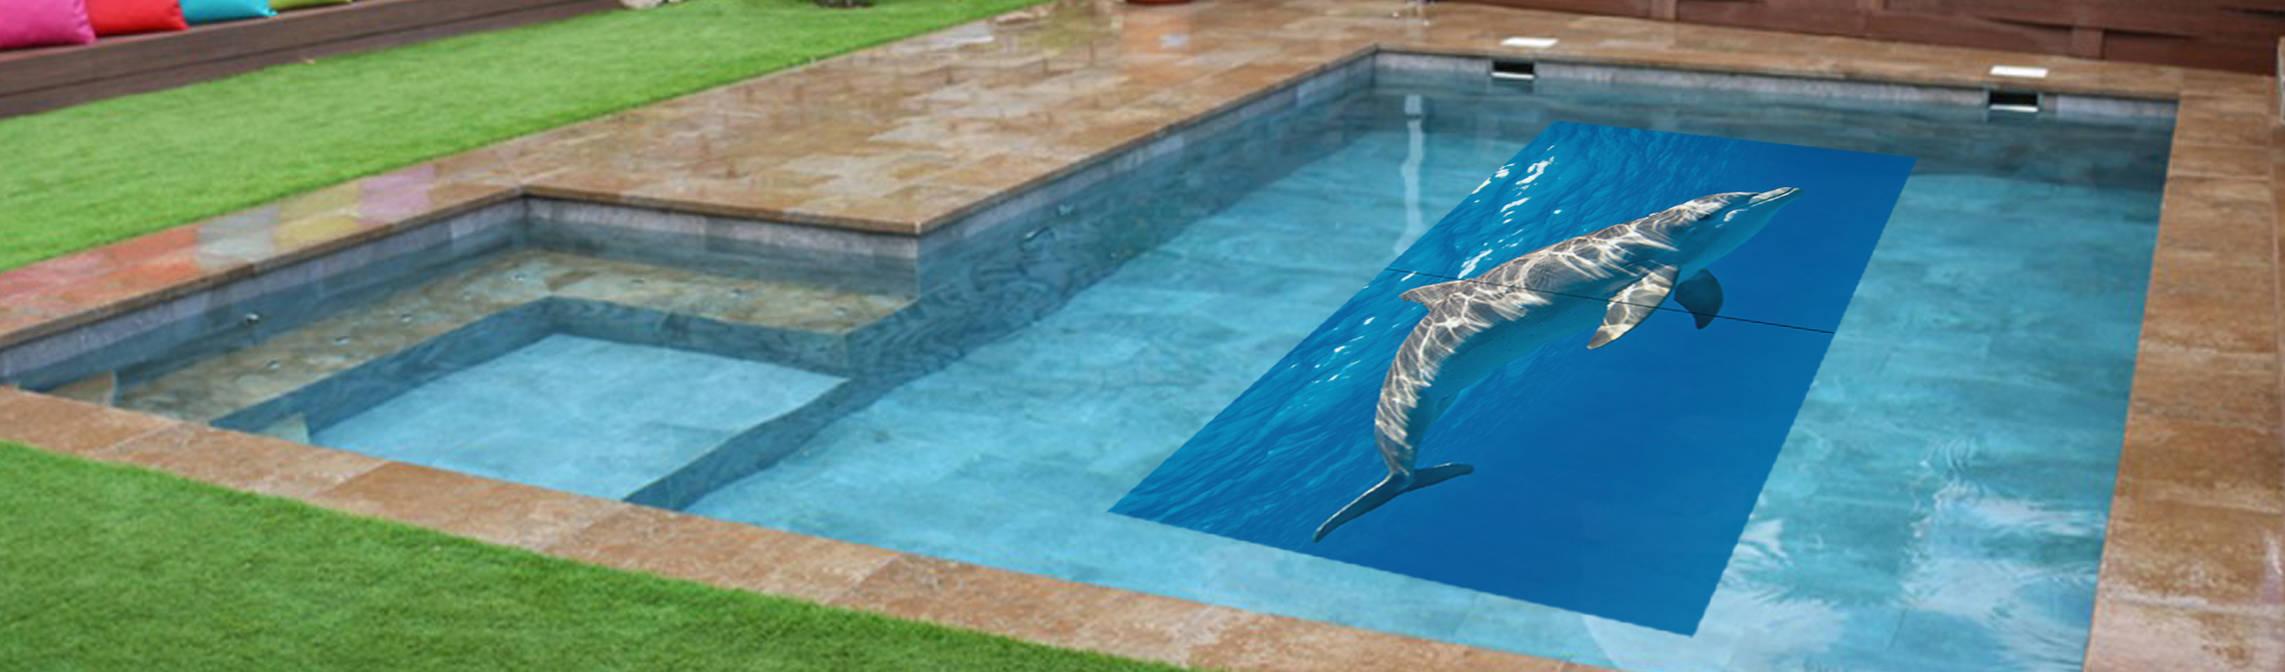 Fotoceramic piscinas y spa en san vicente del raspeig - Spa san vicente del raspeig ...